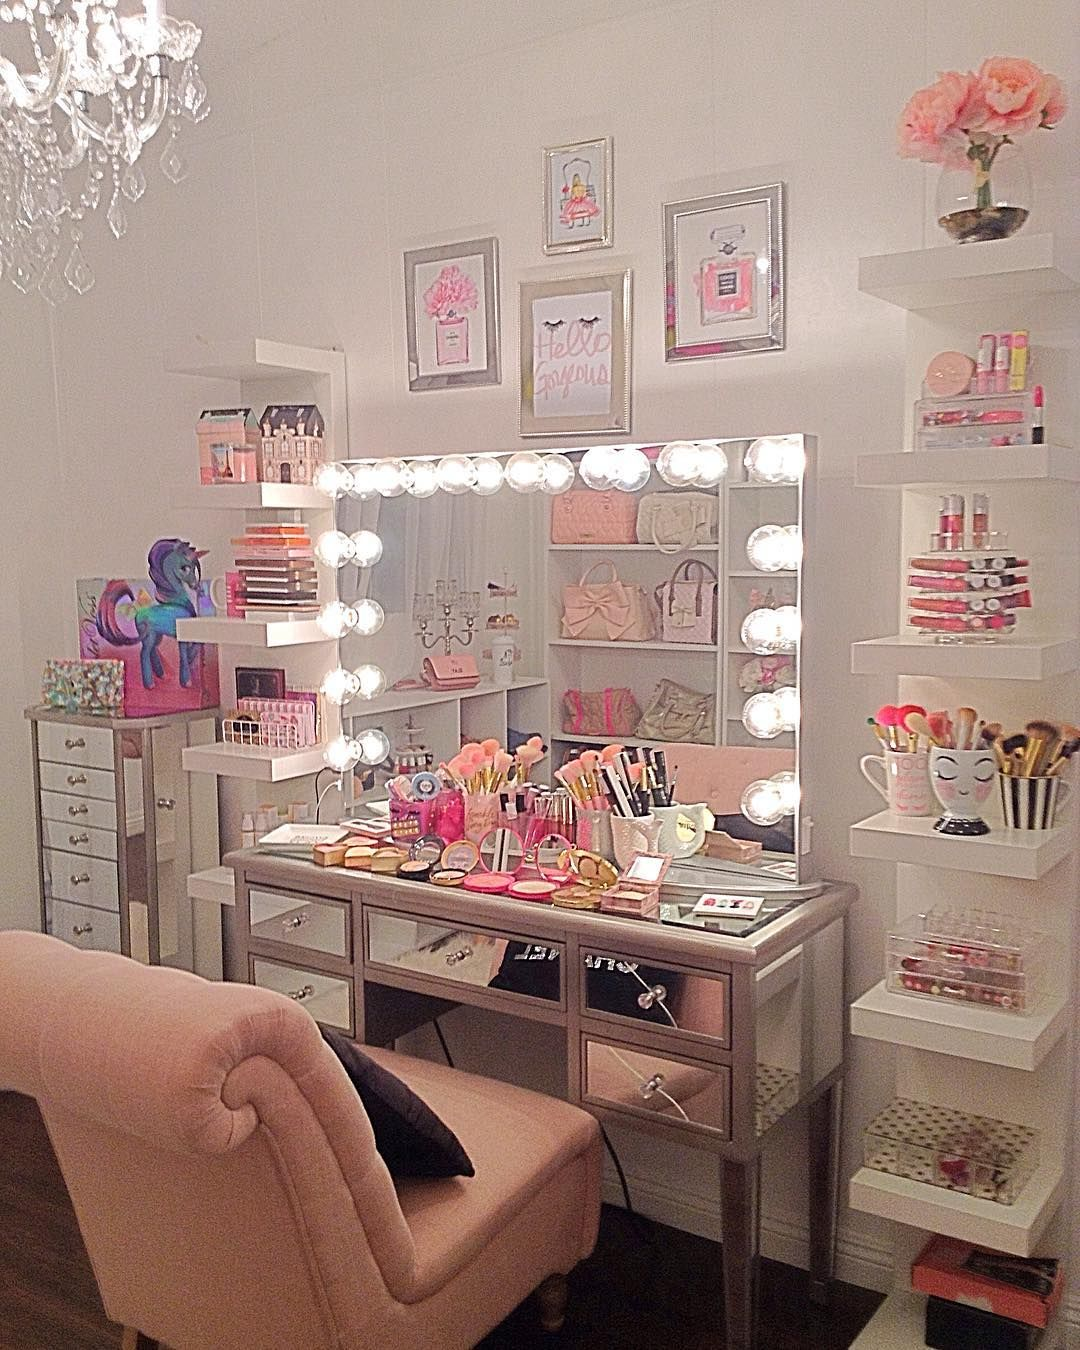 Pinterest Prisxoox Home Decor Room Inspiration